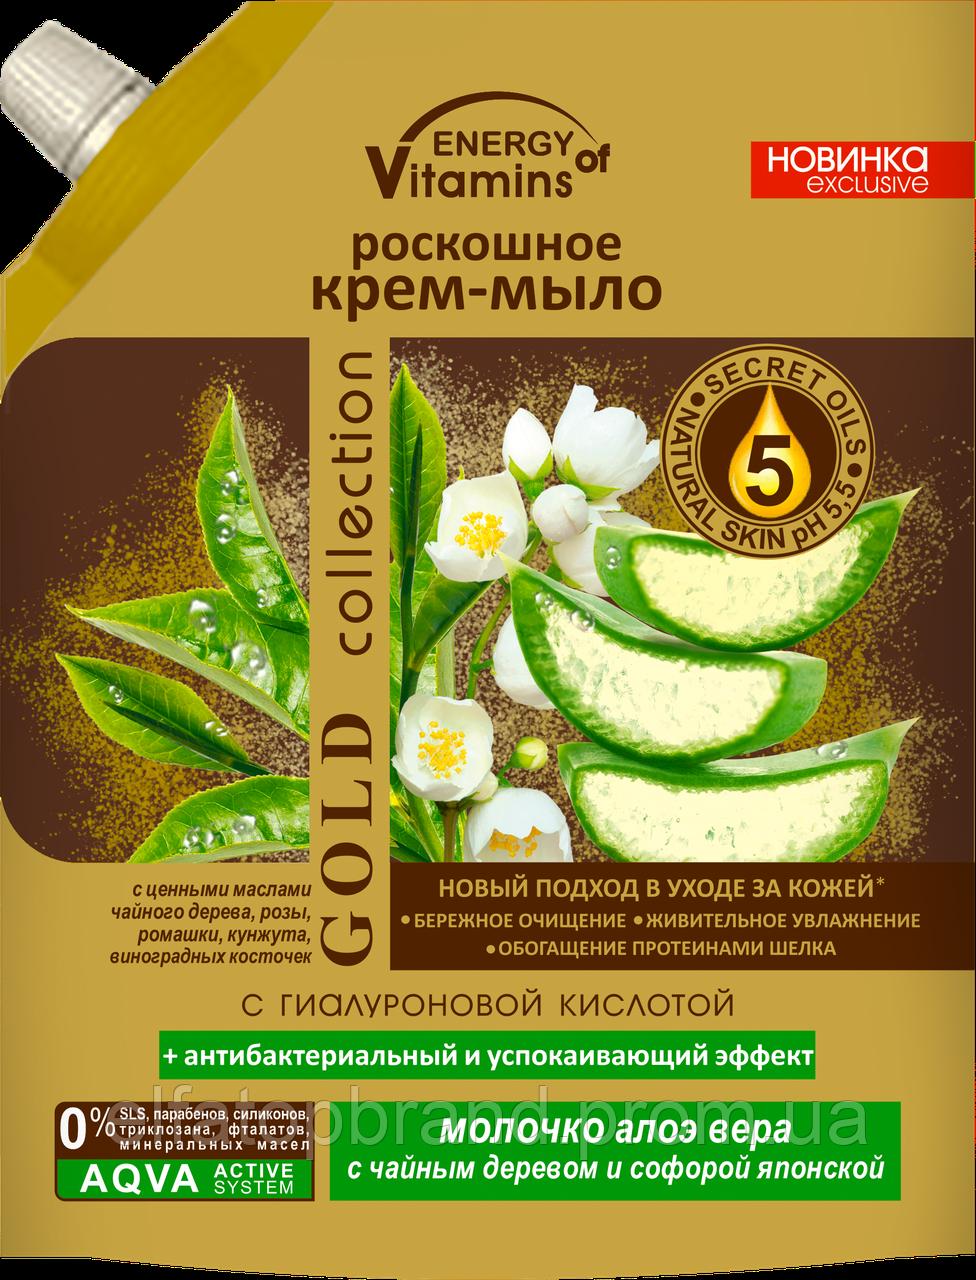 Роскошное Крем Мыло Антибактериальное С Молочком Алоэ Вера Duo-Pack Energy Of Vitamins Альянс 450 мл